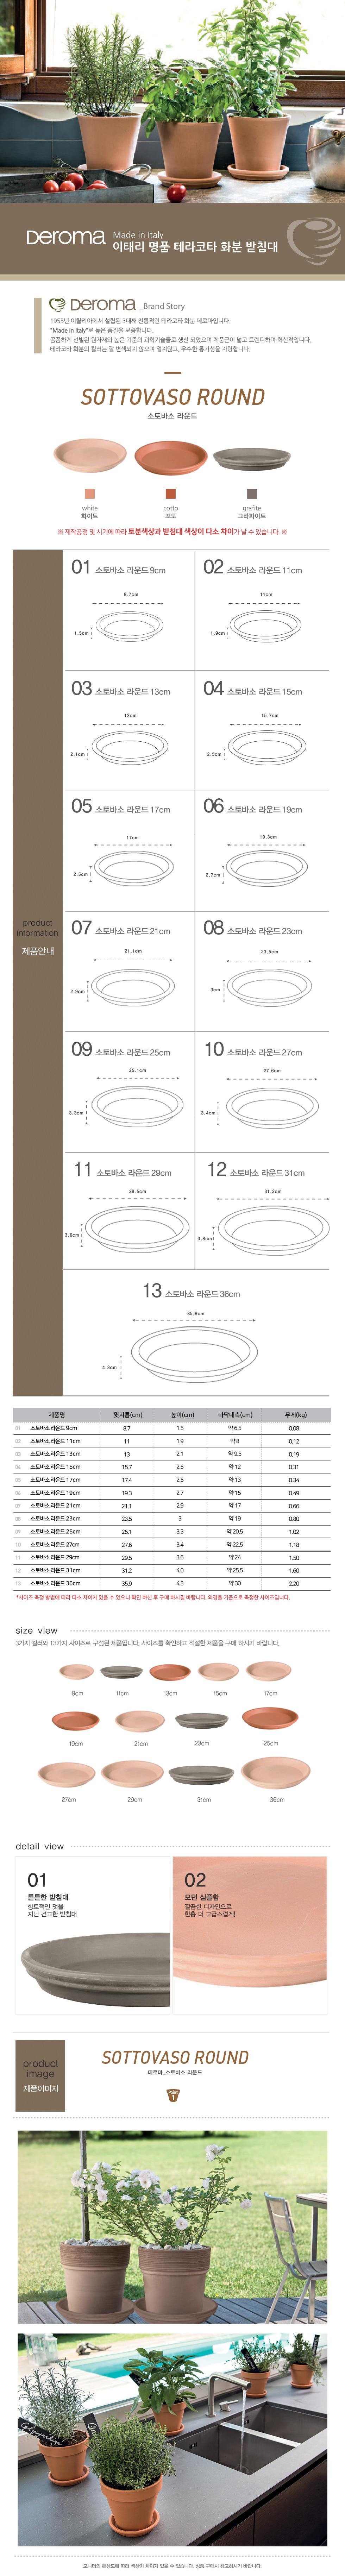 테라코타 이태리토분 화분받침대 소토바소 라운드(25cm) - 데로마, 8,200원, 공화분, 디자인화분